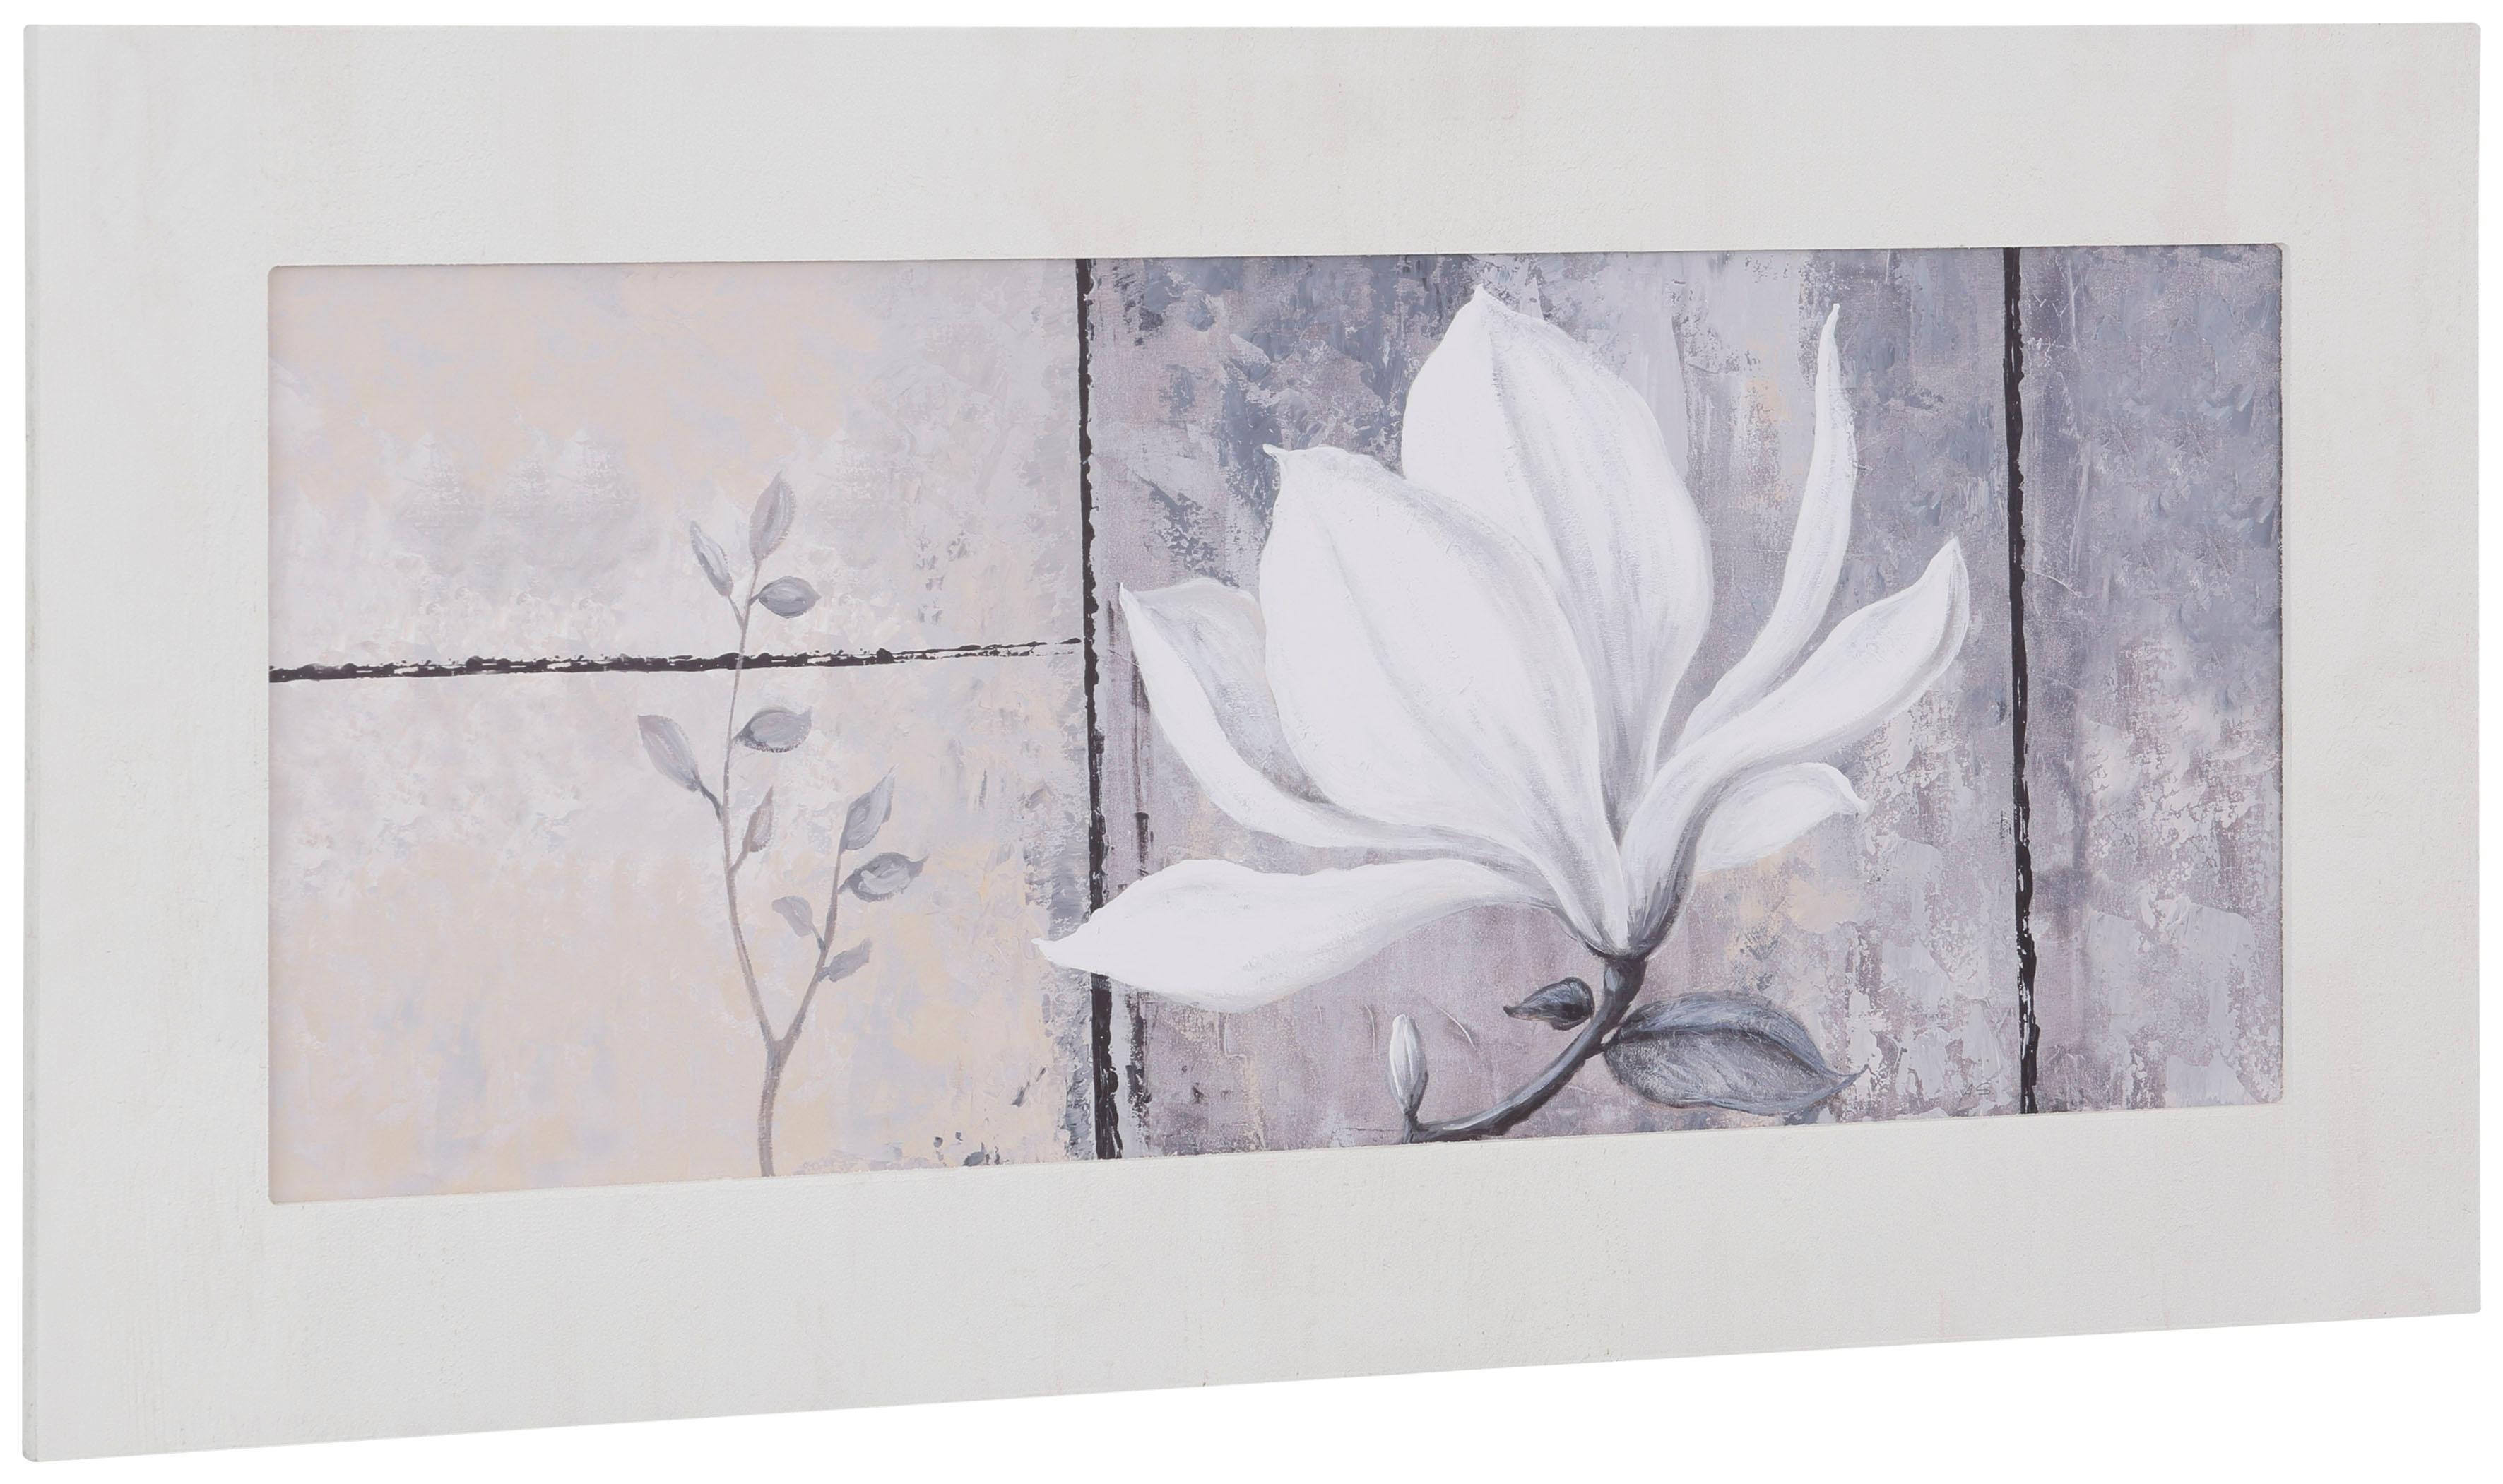 Home affaire artprint Classic magnolia 102/52 cm voordelig en veilig online kopen